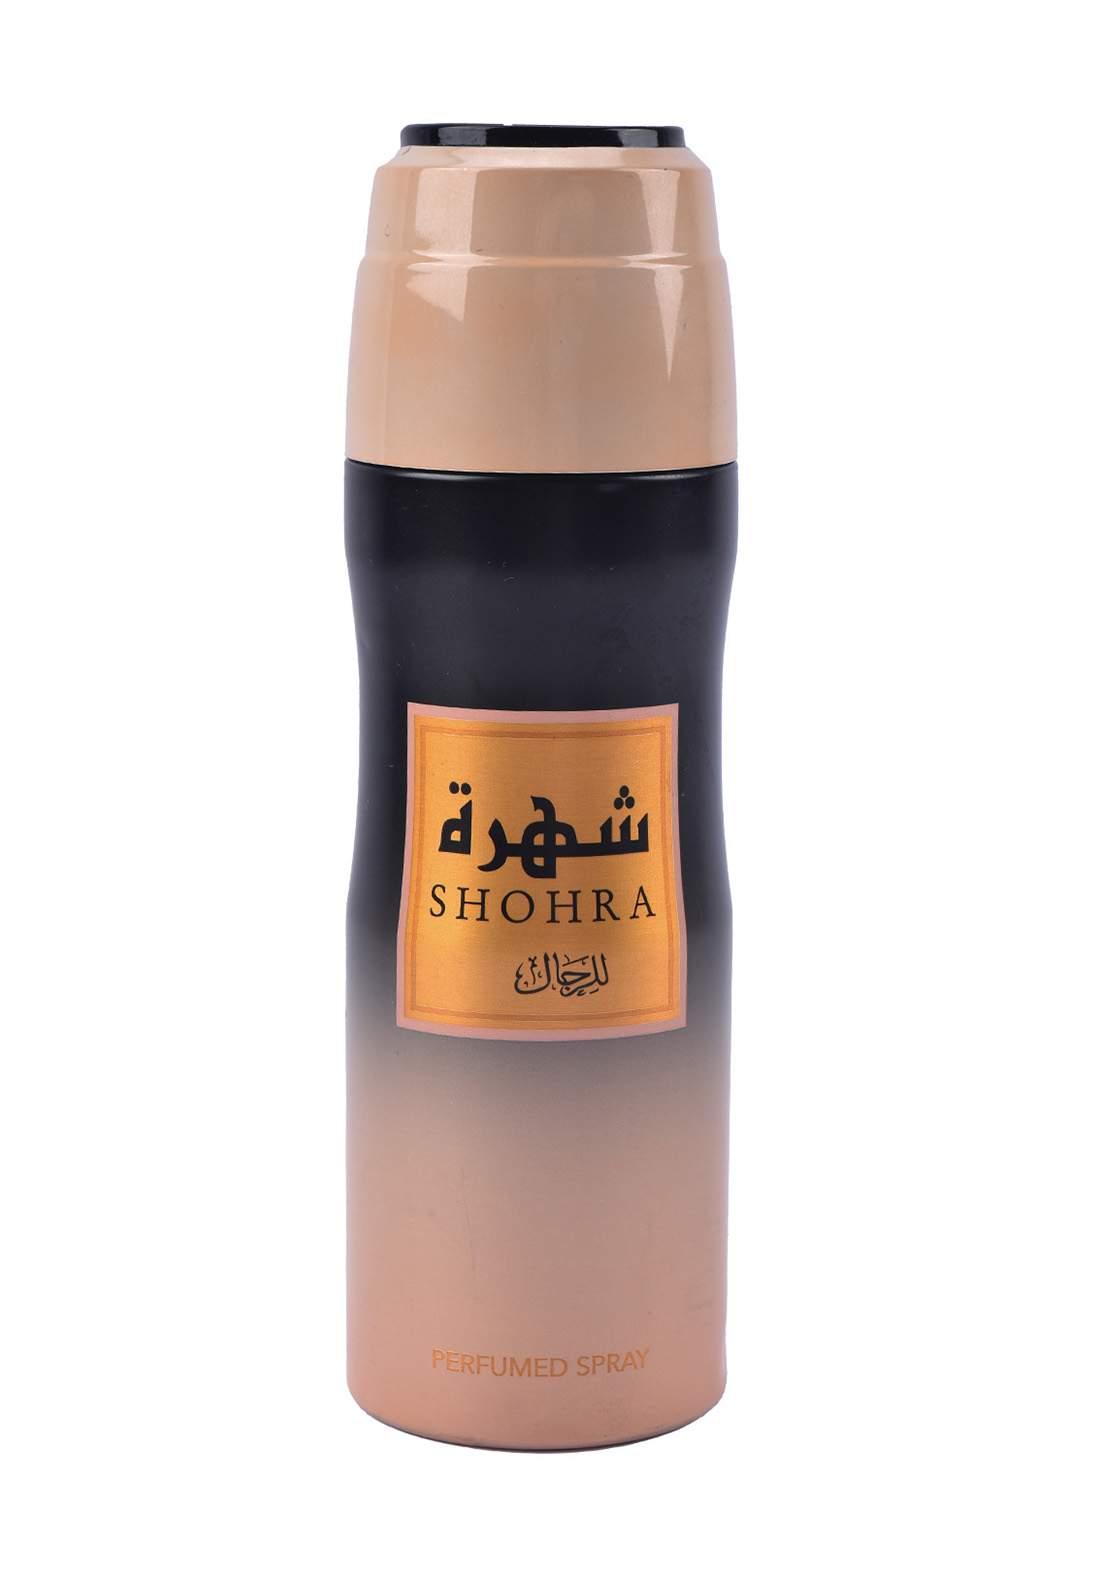 Ard Al Khaleej Shohra  Perfumed Spray 200ml For Men بخاخ معطر